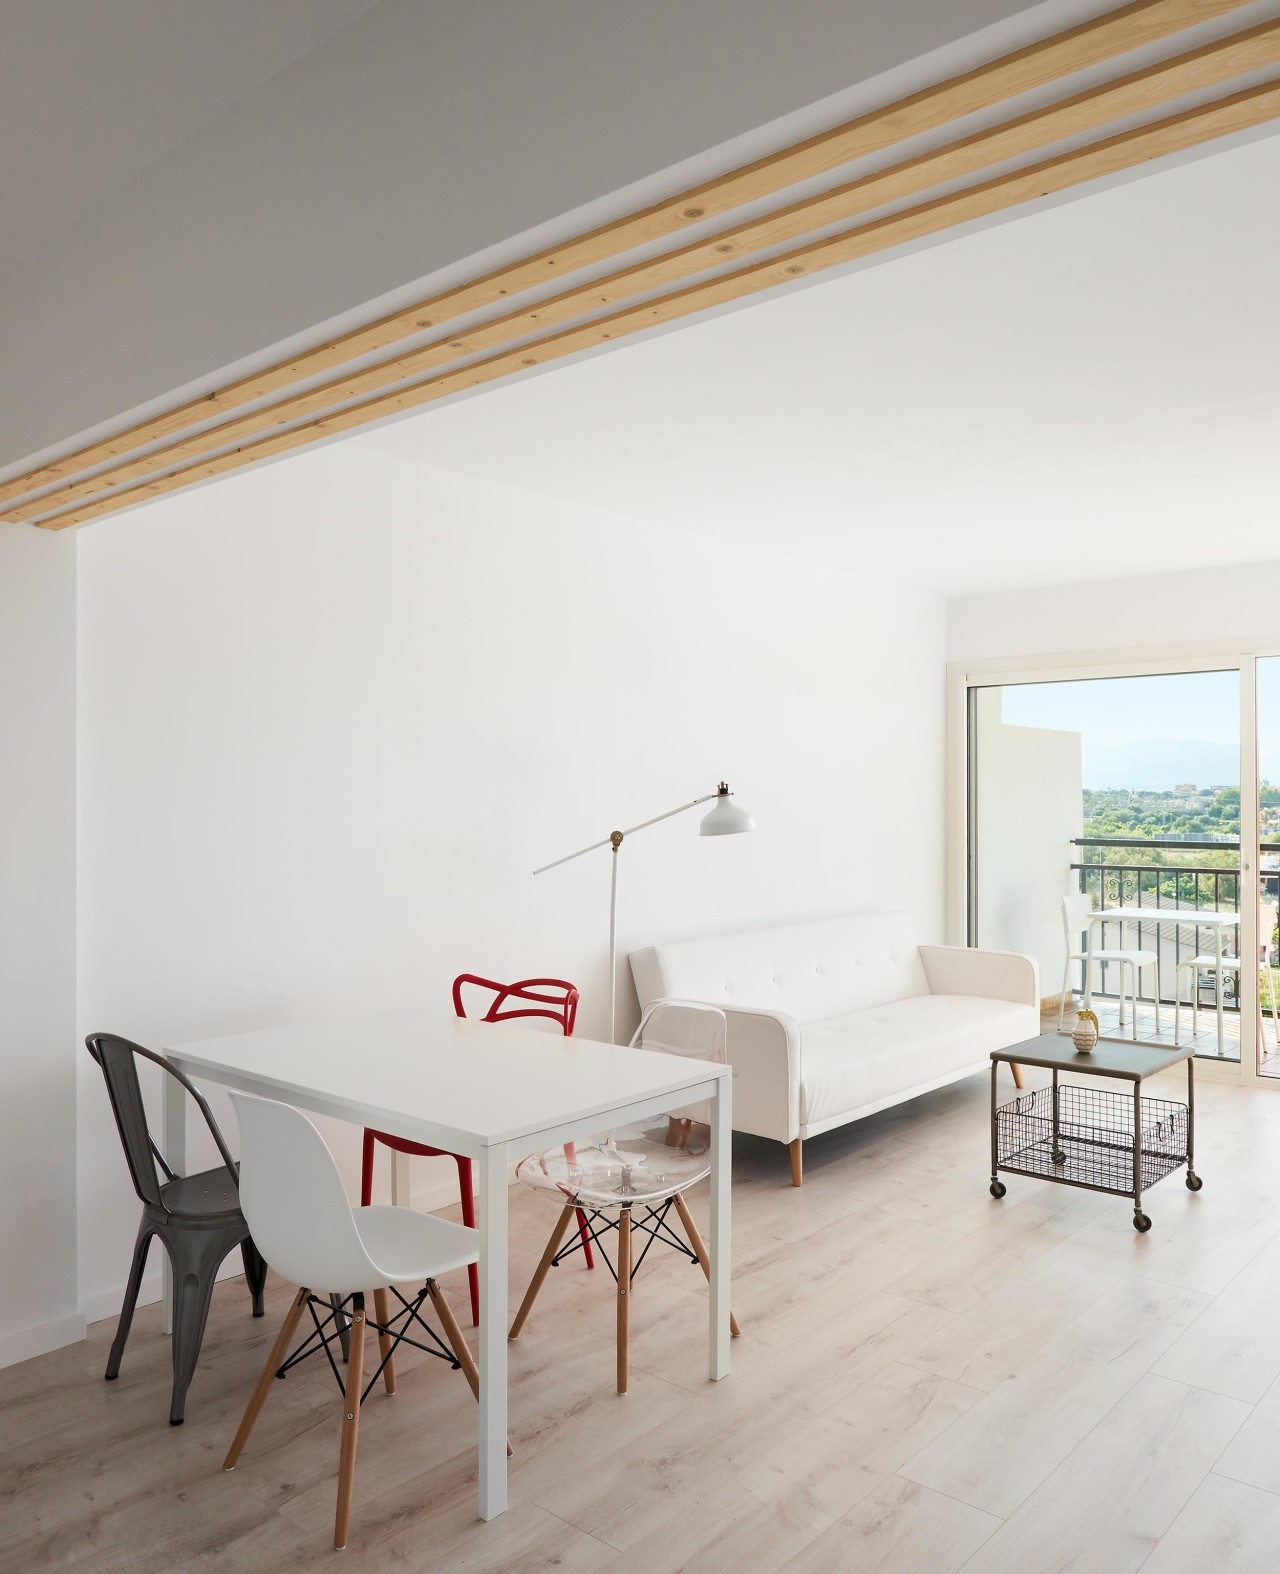 Minimal Studio apartment in Alcudia-Mallorca-Spain Comissioned by Minimal Studio